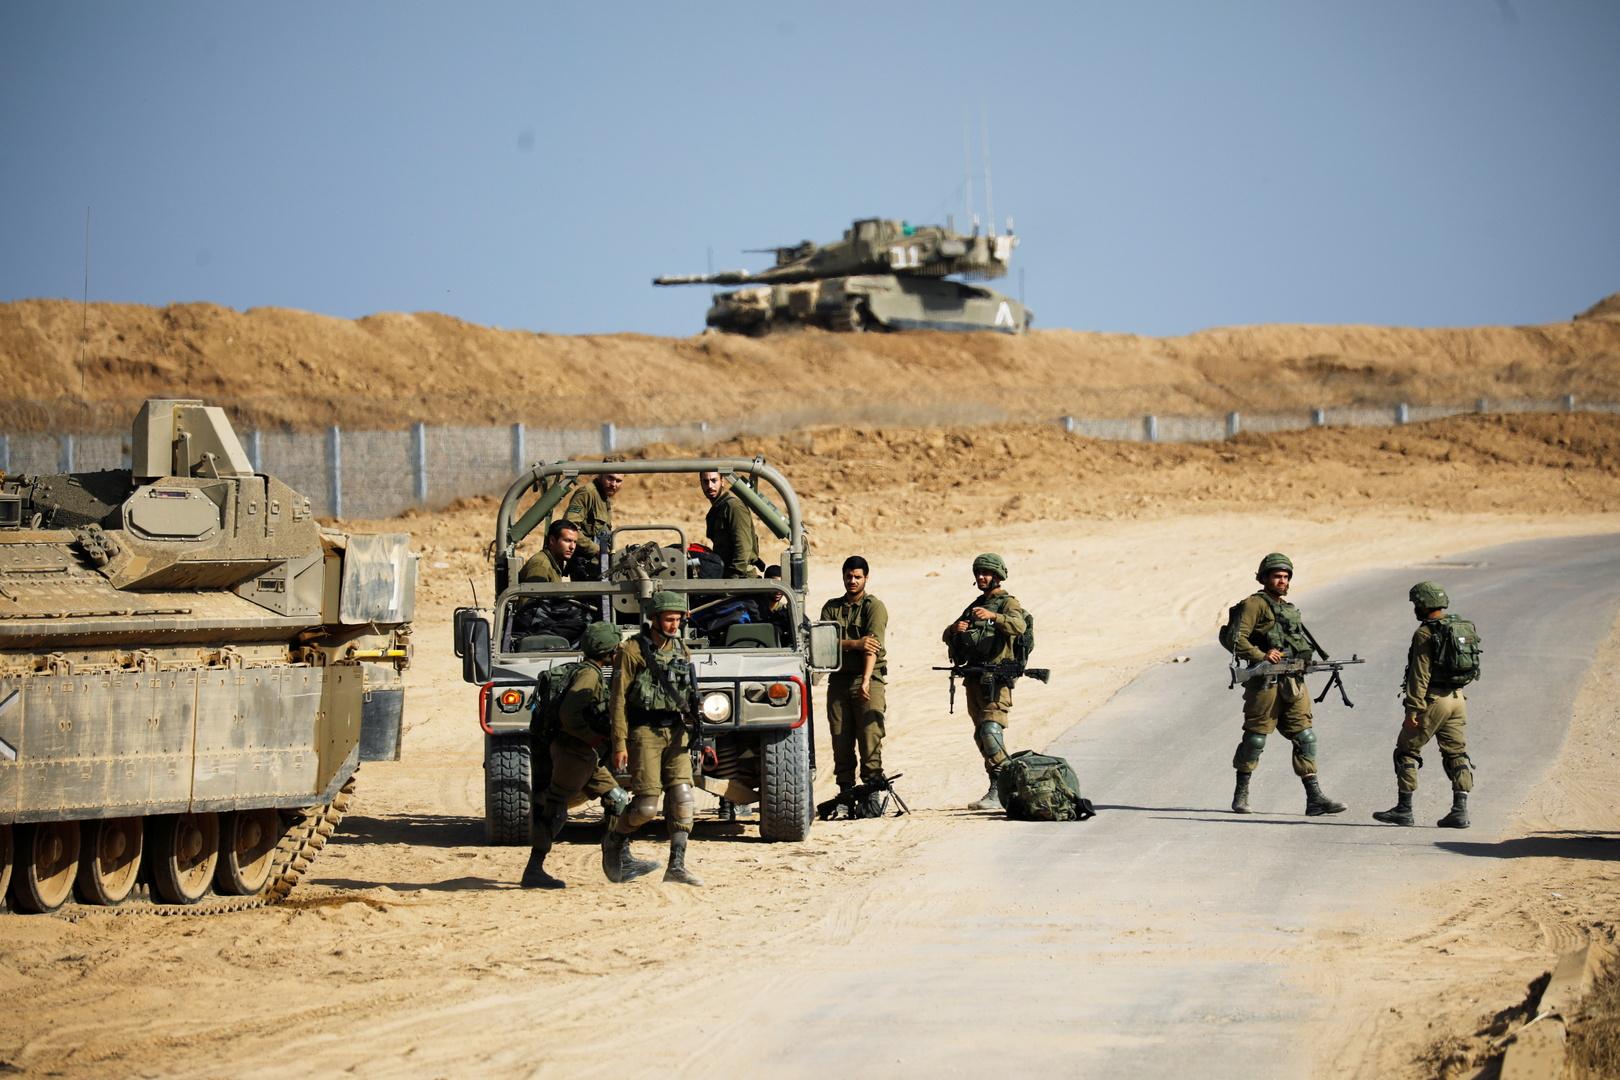 إسرائيل تجري تدريبات عند حدود الأردن